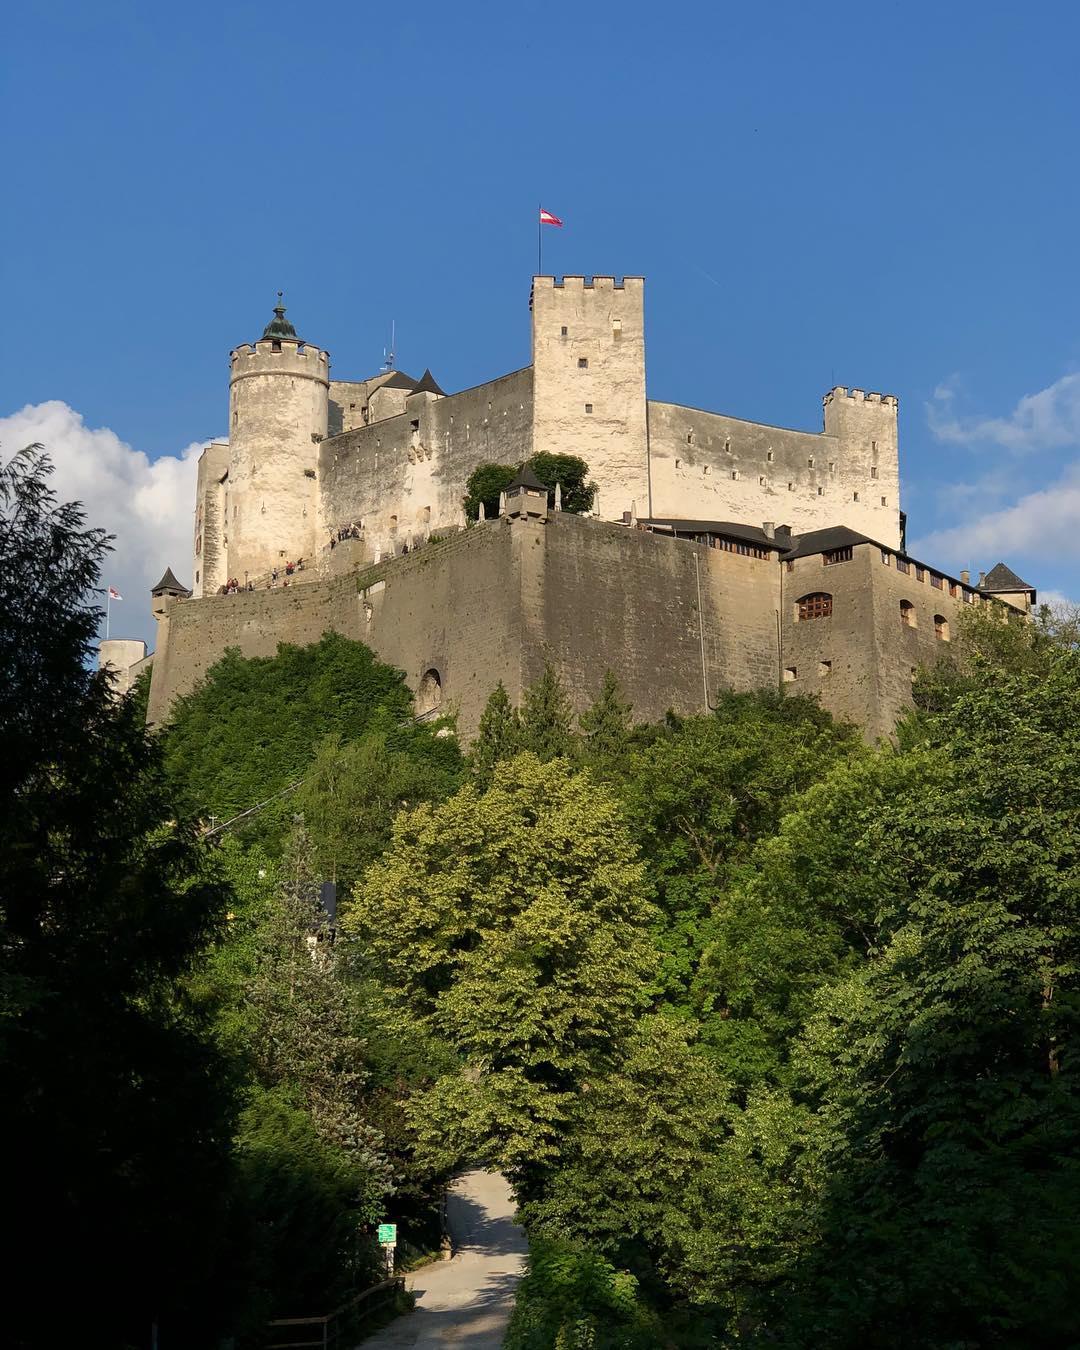 قلعة هوهن سالزبورغ - افضل الاماكن في سالزبورغ